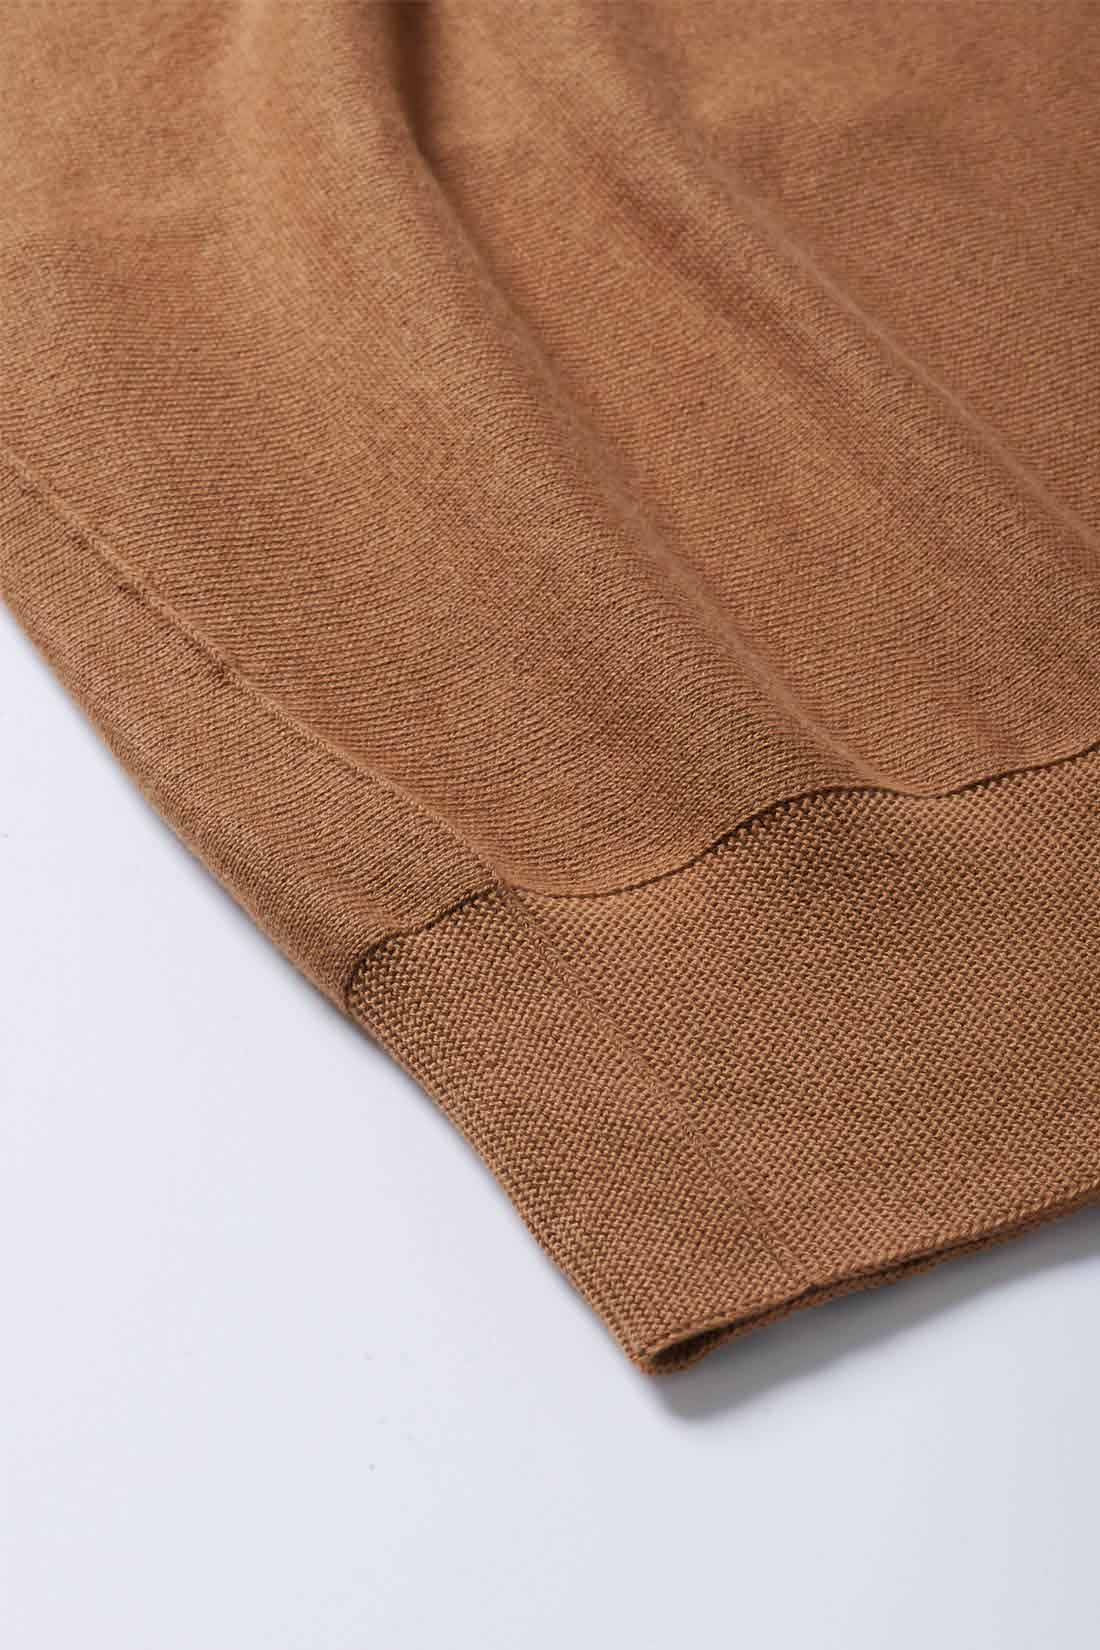 カシミヤ混の綿素材を、厚すぎず薄すぎない12ゲージで編み上げました。